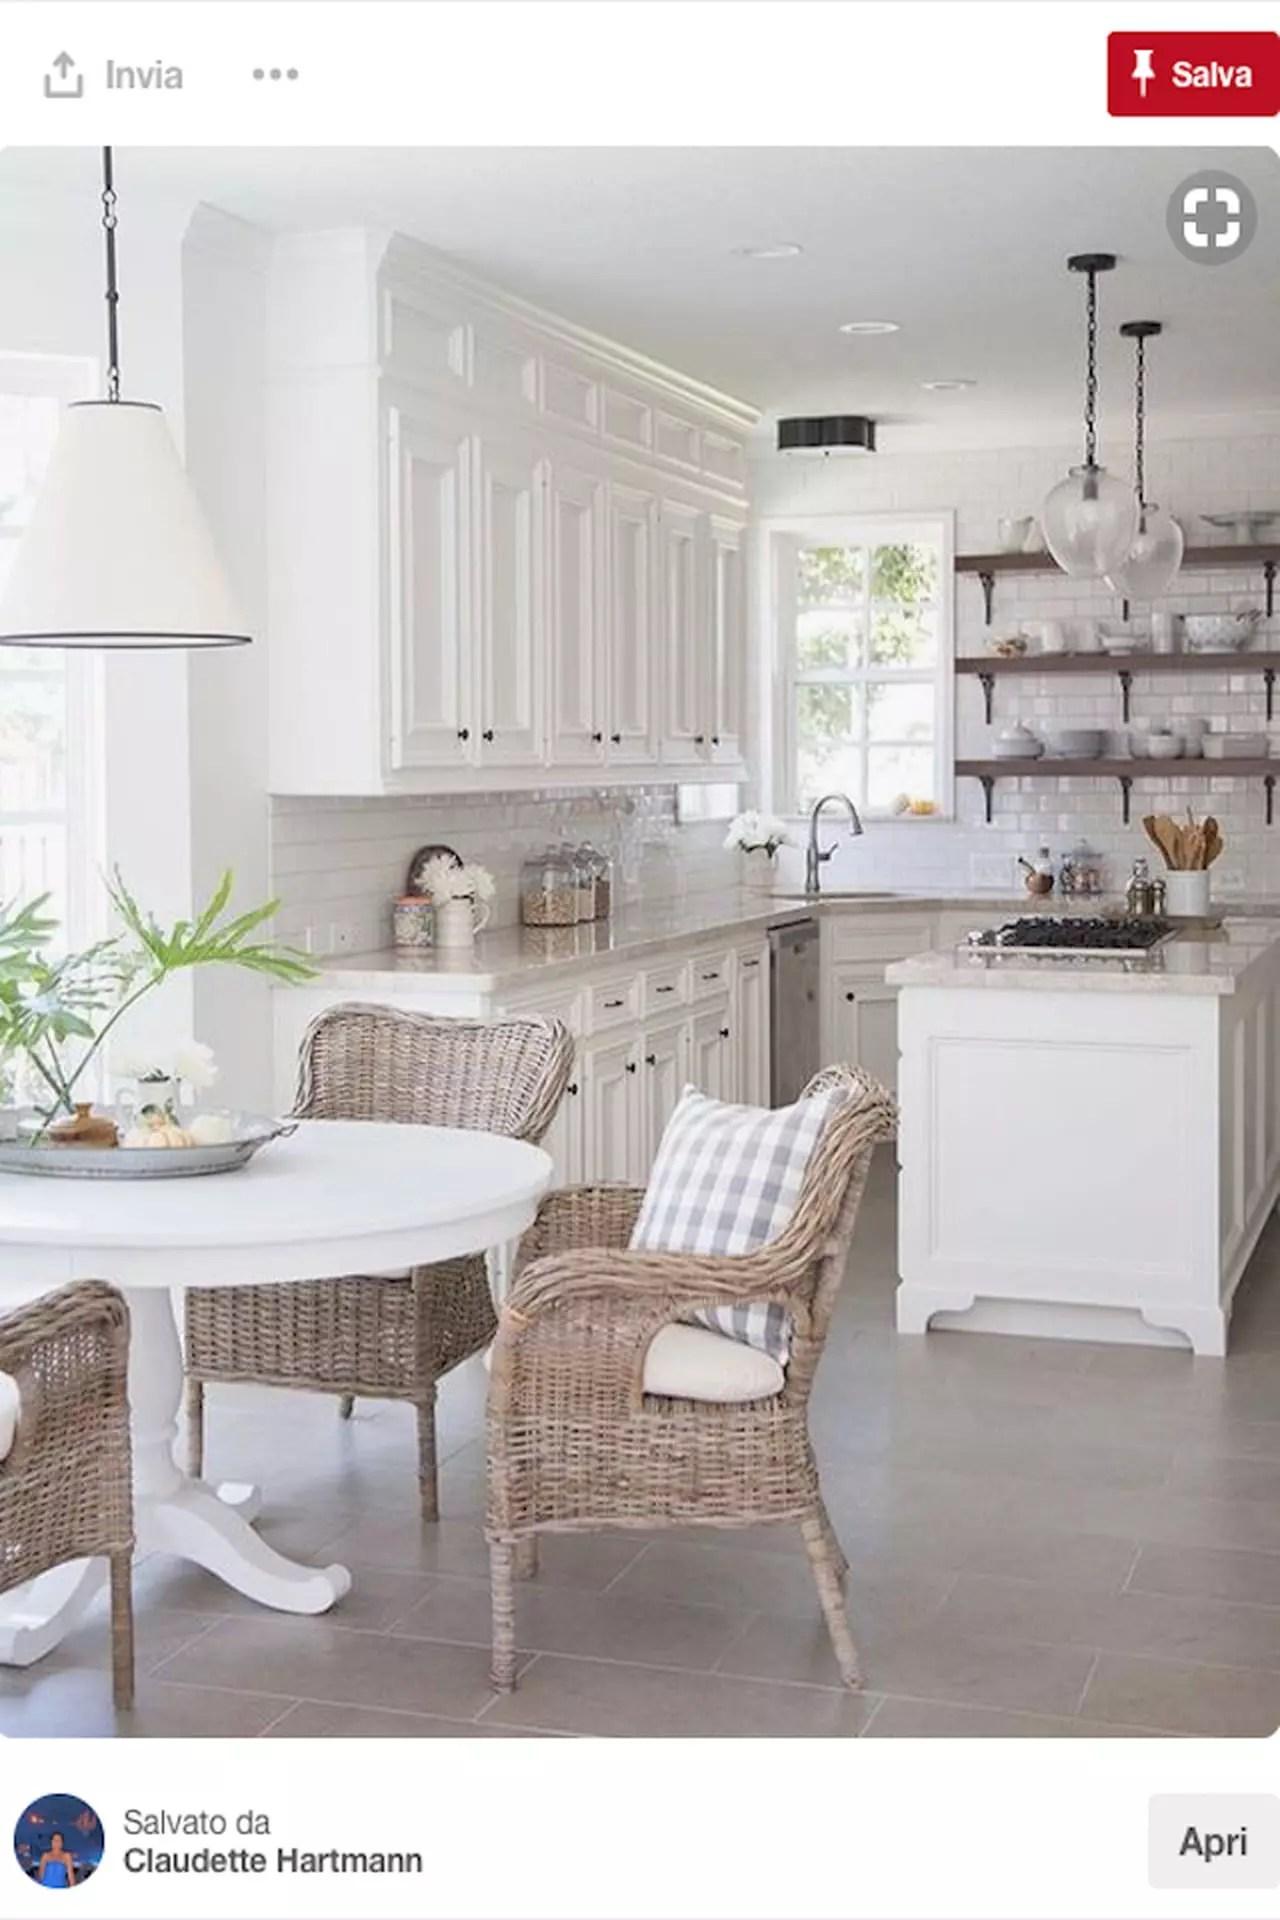 Ideale per dare un tocco particolare alle tue stanze, questo cuscino sarà perfetto per arredare la cucina o la sala da pranzo con delicate tonalità. Cuscini Per Sedie Shabby Chic Spunti Da Pinterest Magazine Delle Donne